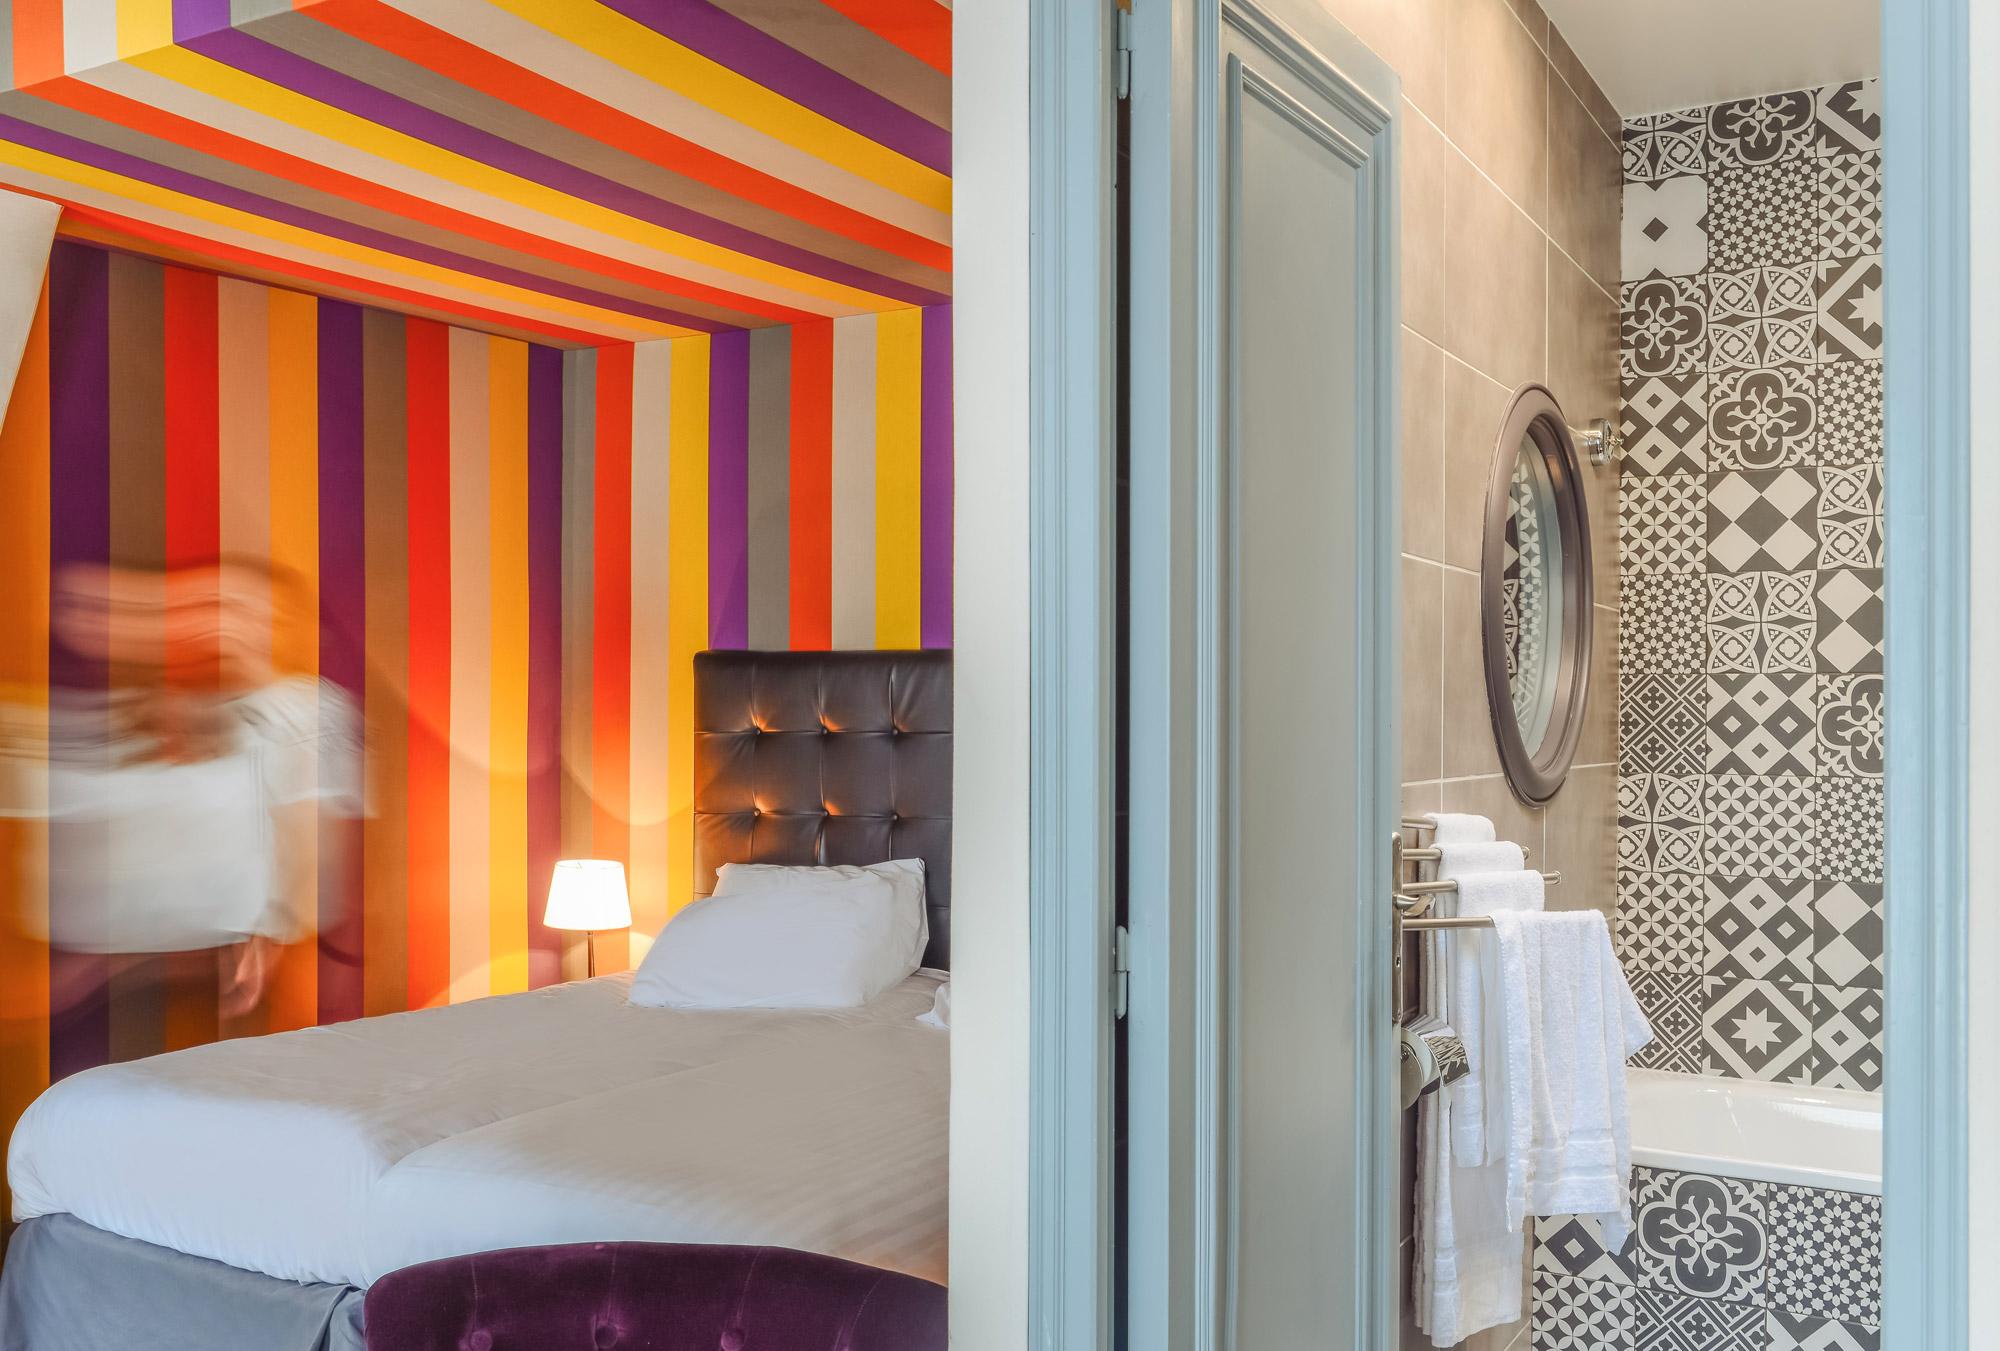 La recherche d 39 un h tel romantique paris voici notre for Recherche chambre hotel